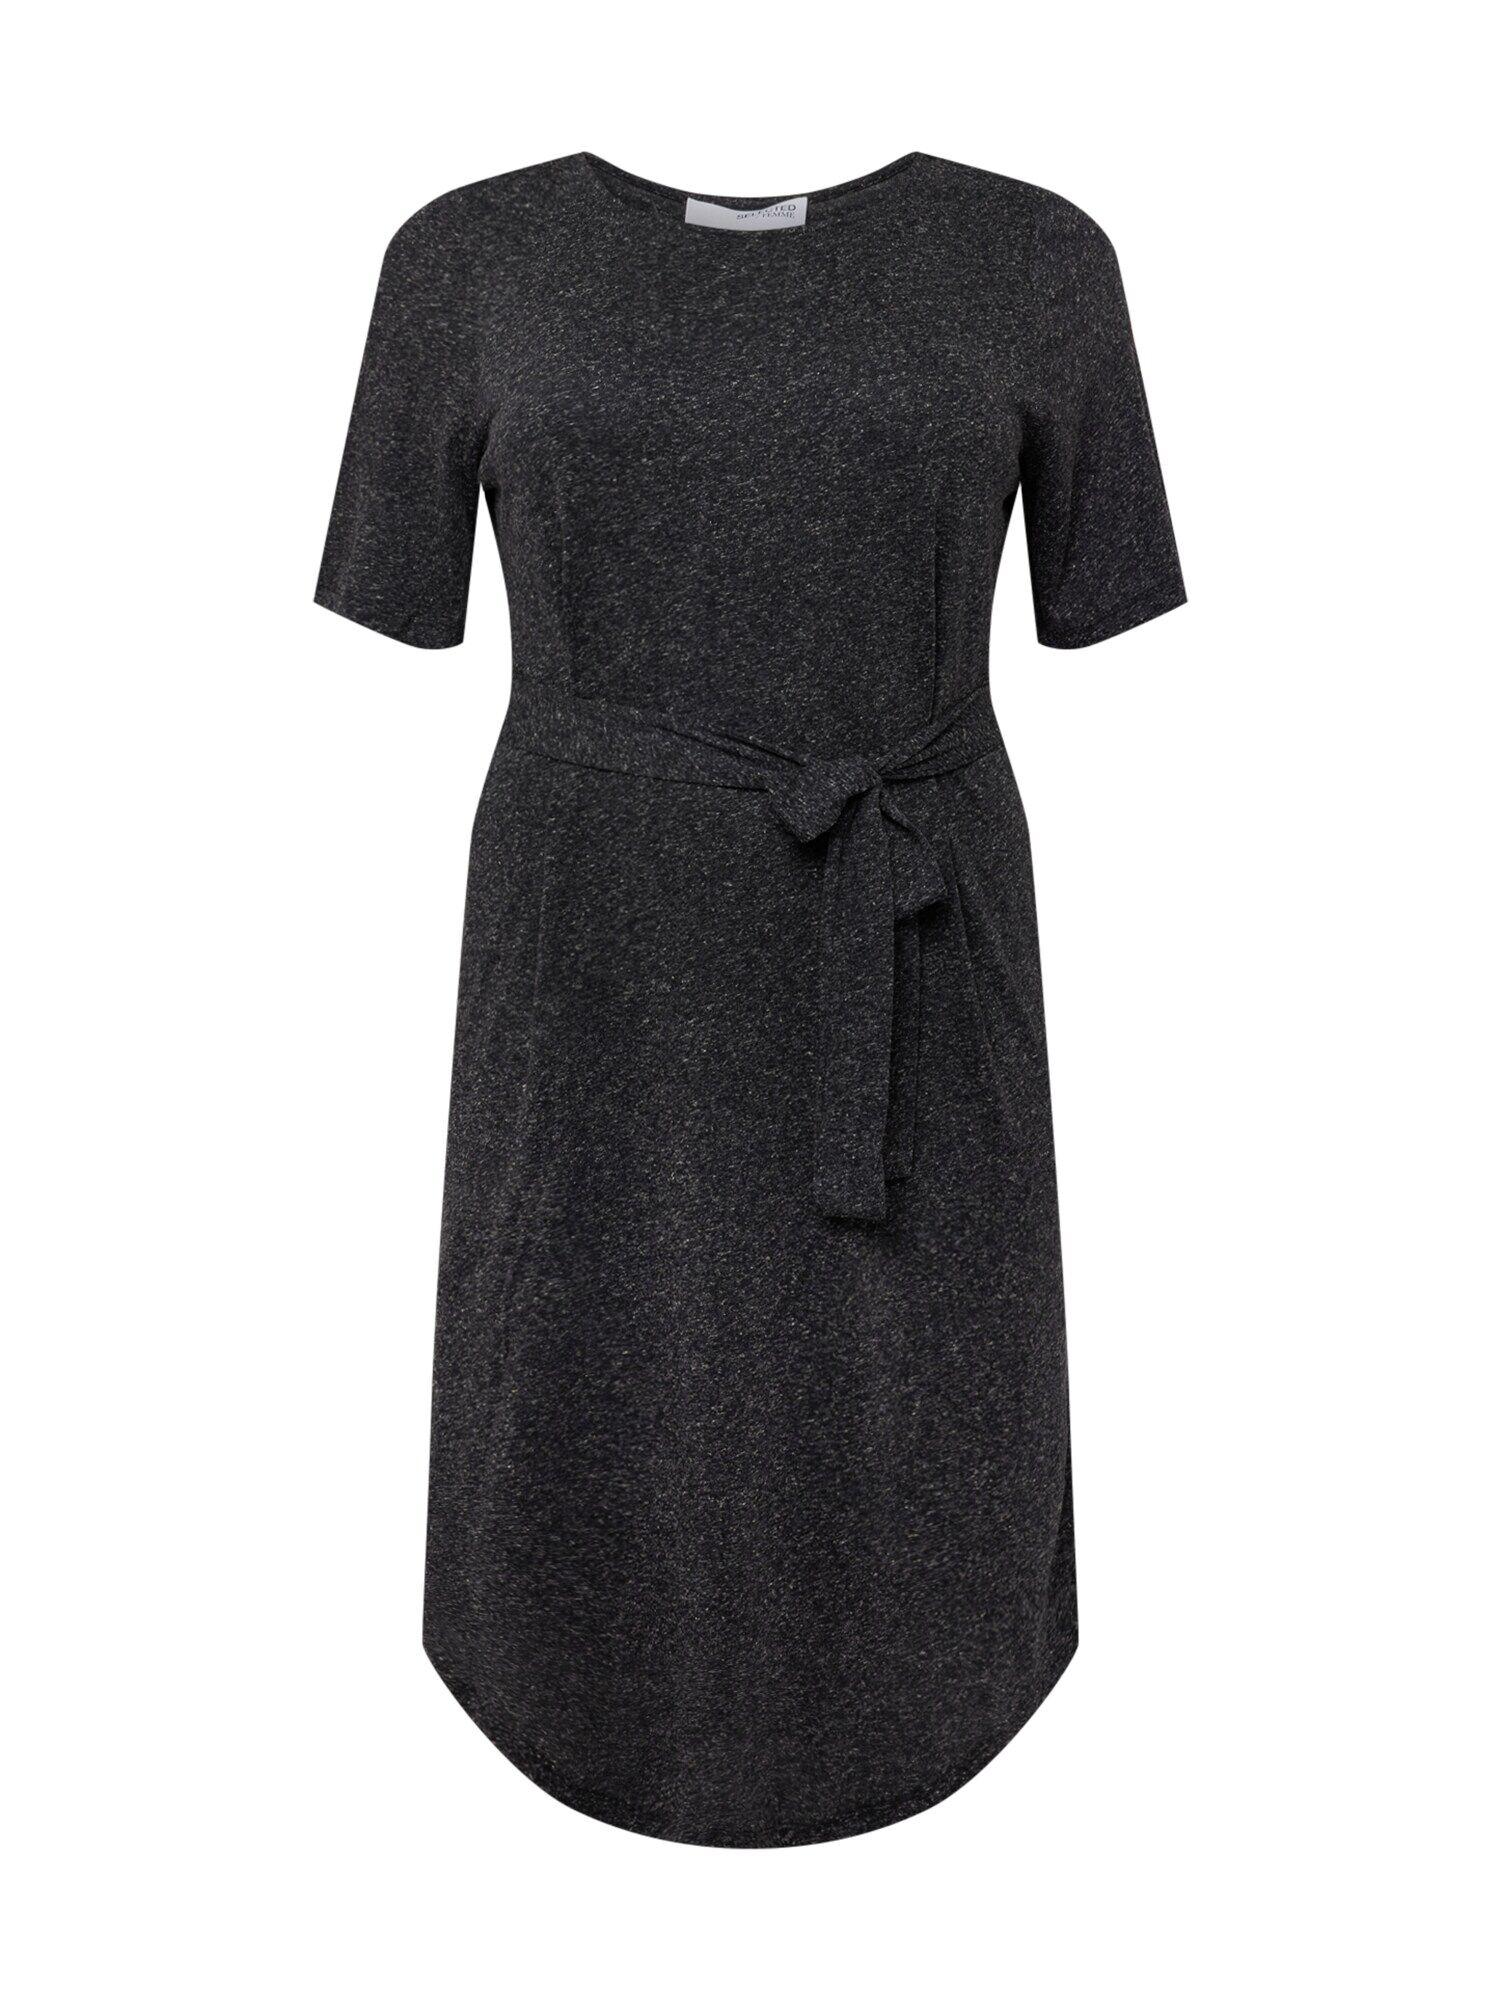 Selected Femme Curve Vêtement de plage 'LIVY'  - Noir - Taille: 46 - female